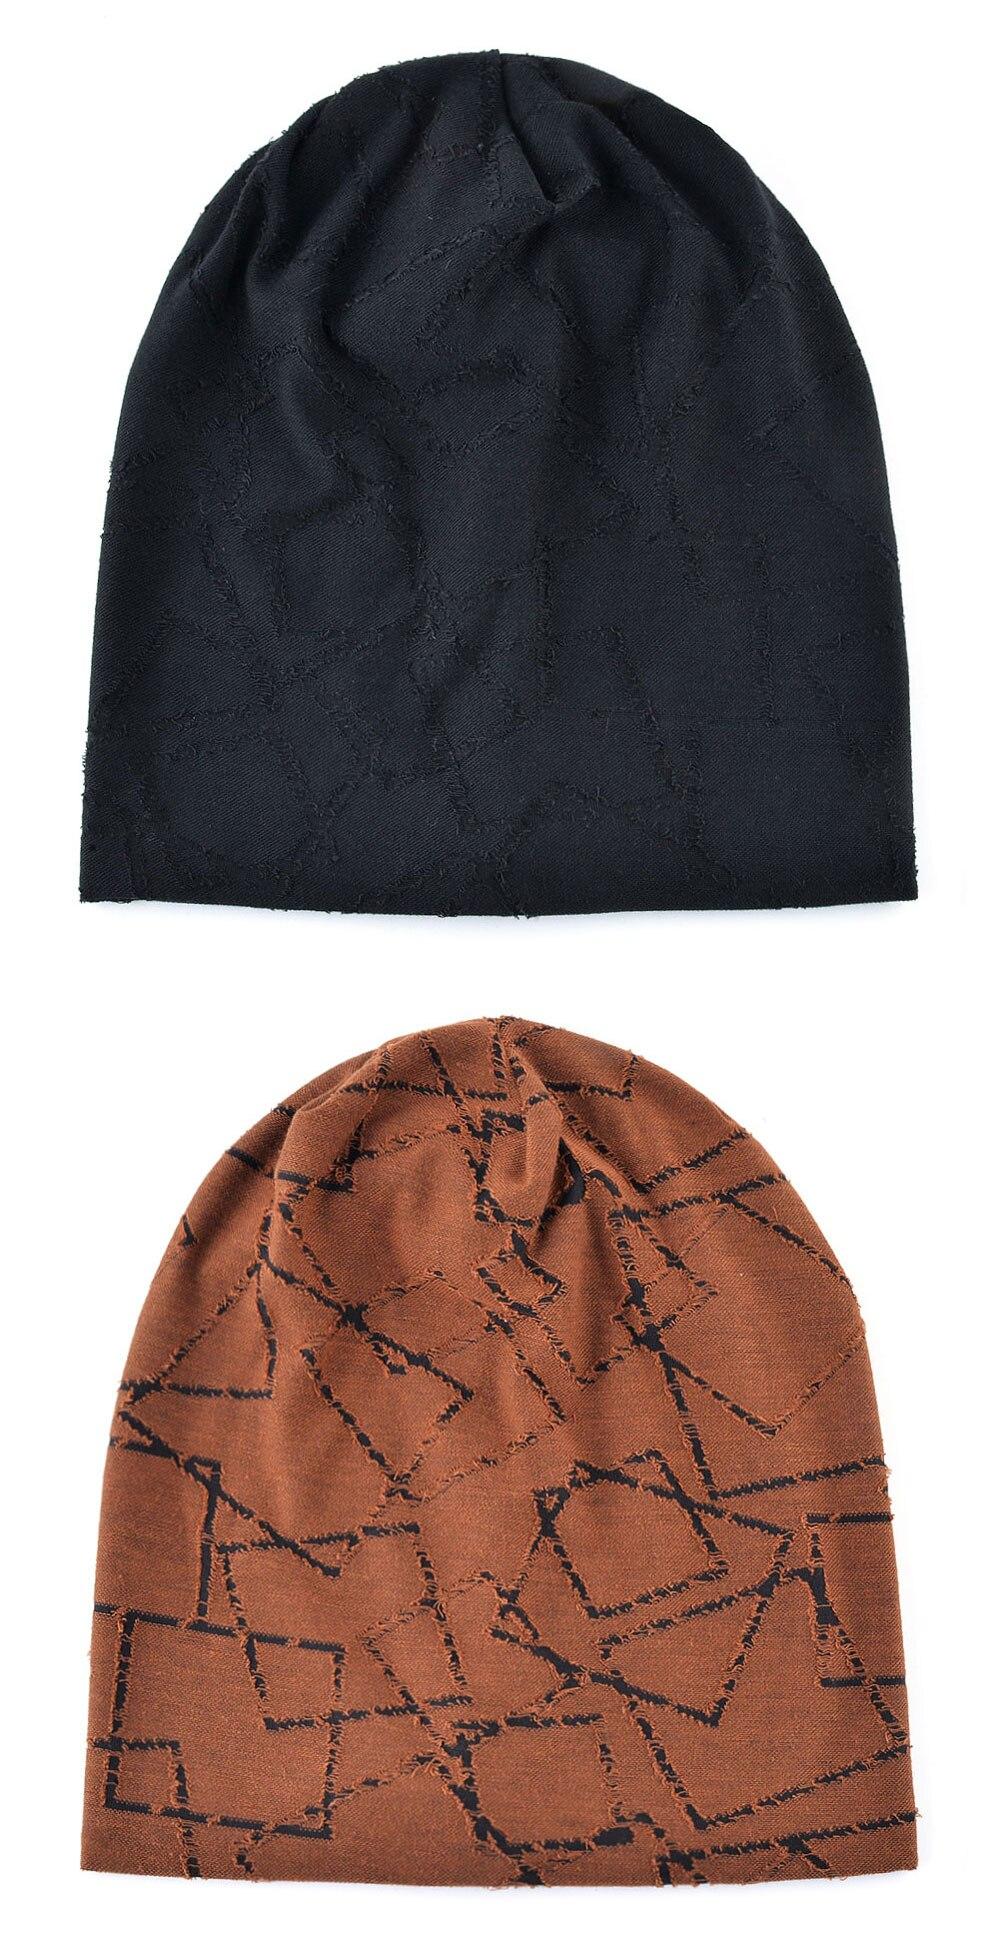 93f14e49b7cbd TQMSMY Outono skullies cachecol dual-use chapéus para mulheres gorros  meninas osso feminino dupla camada de flanela inverno chapéu gorro cap das  mulheresUSD ...